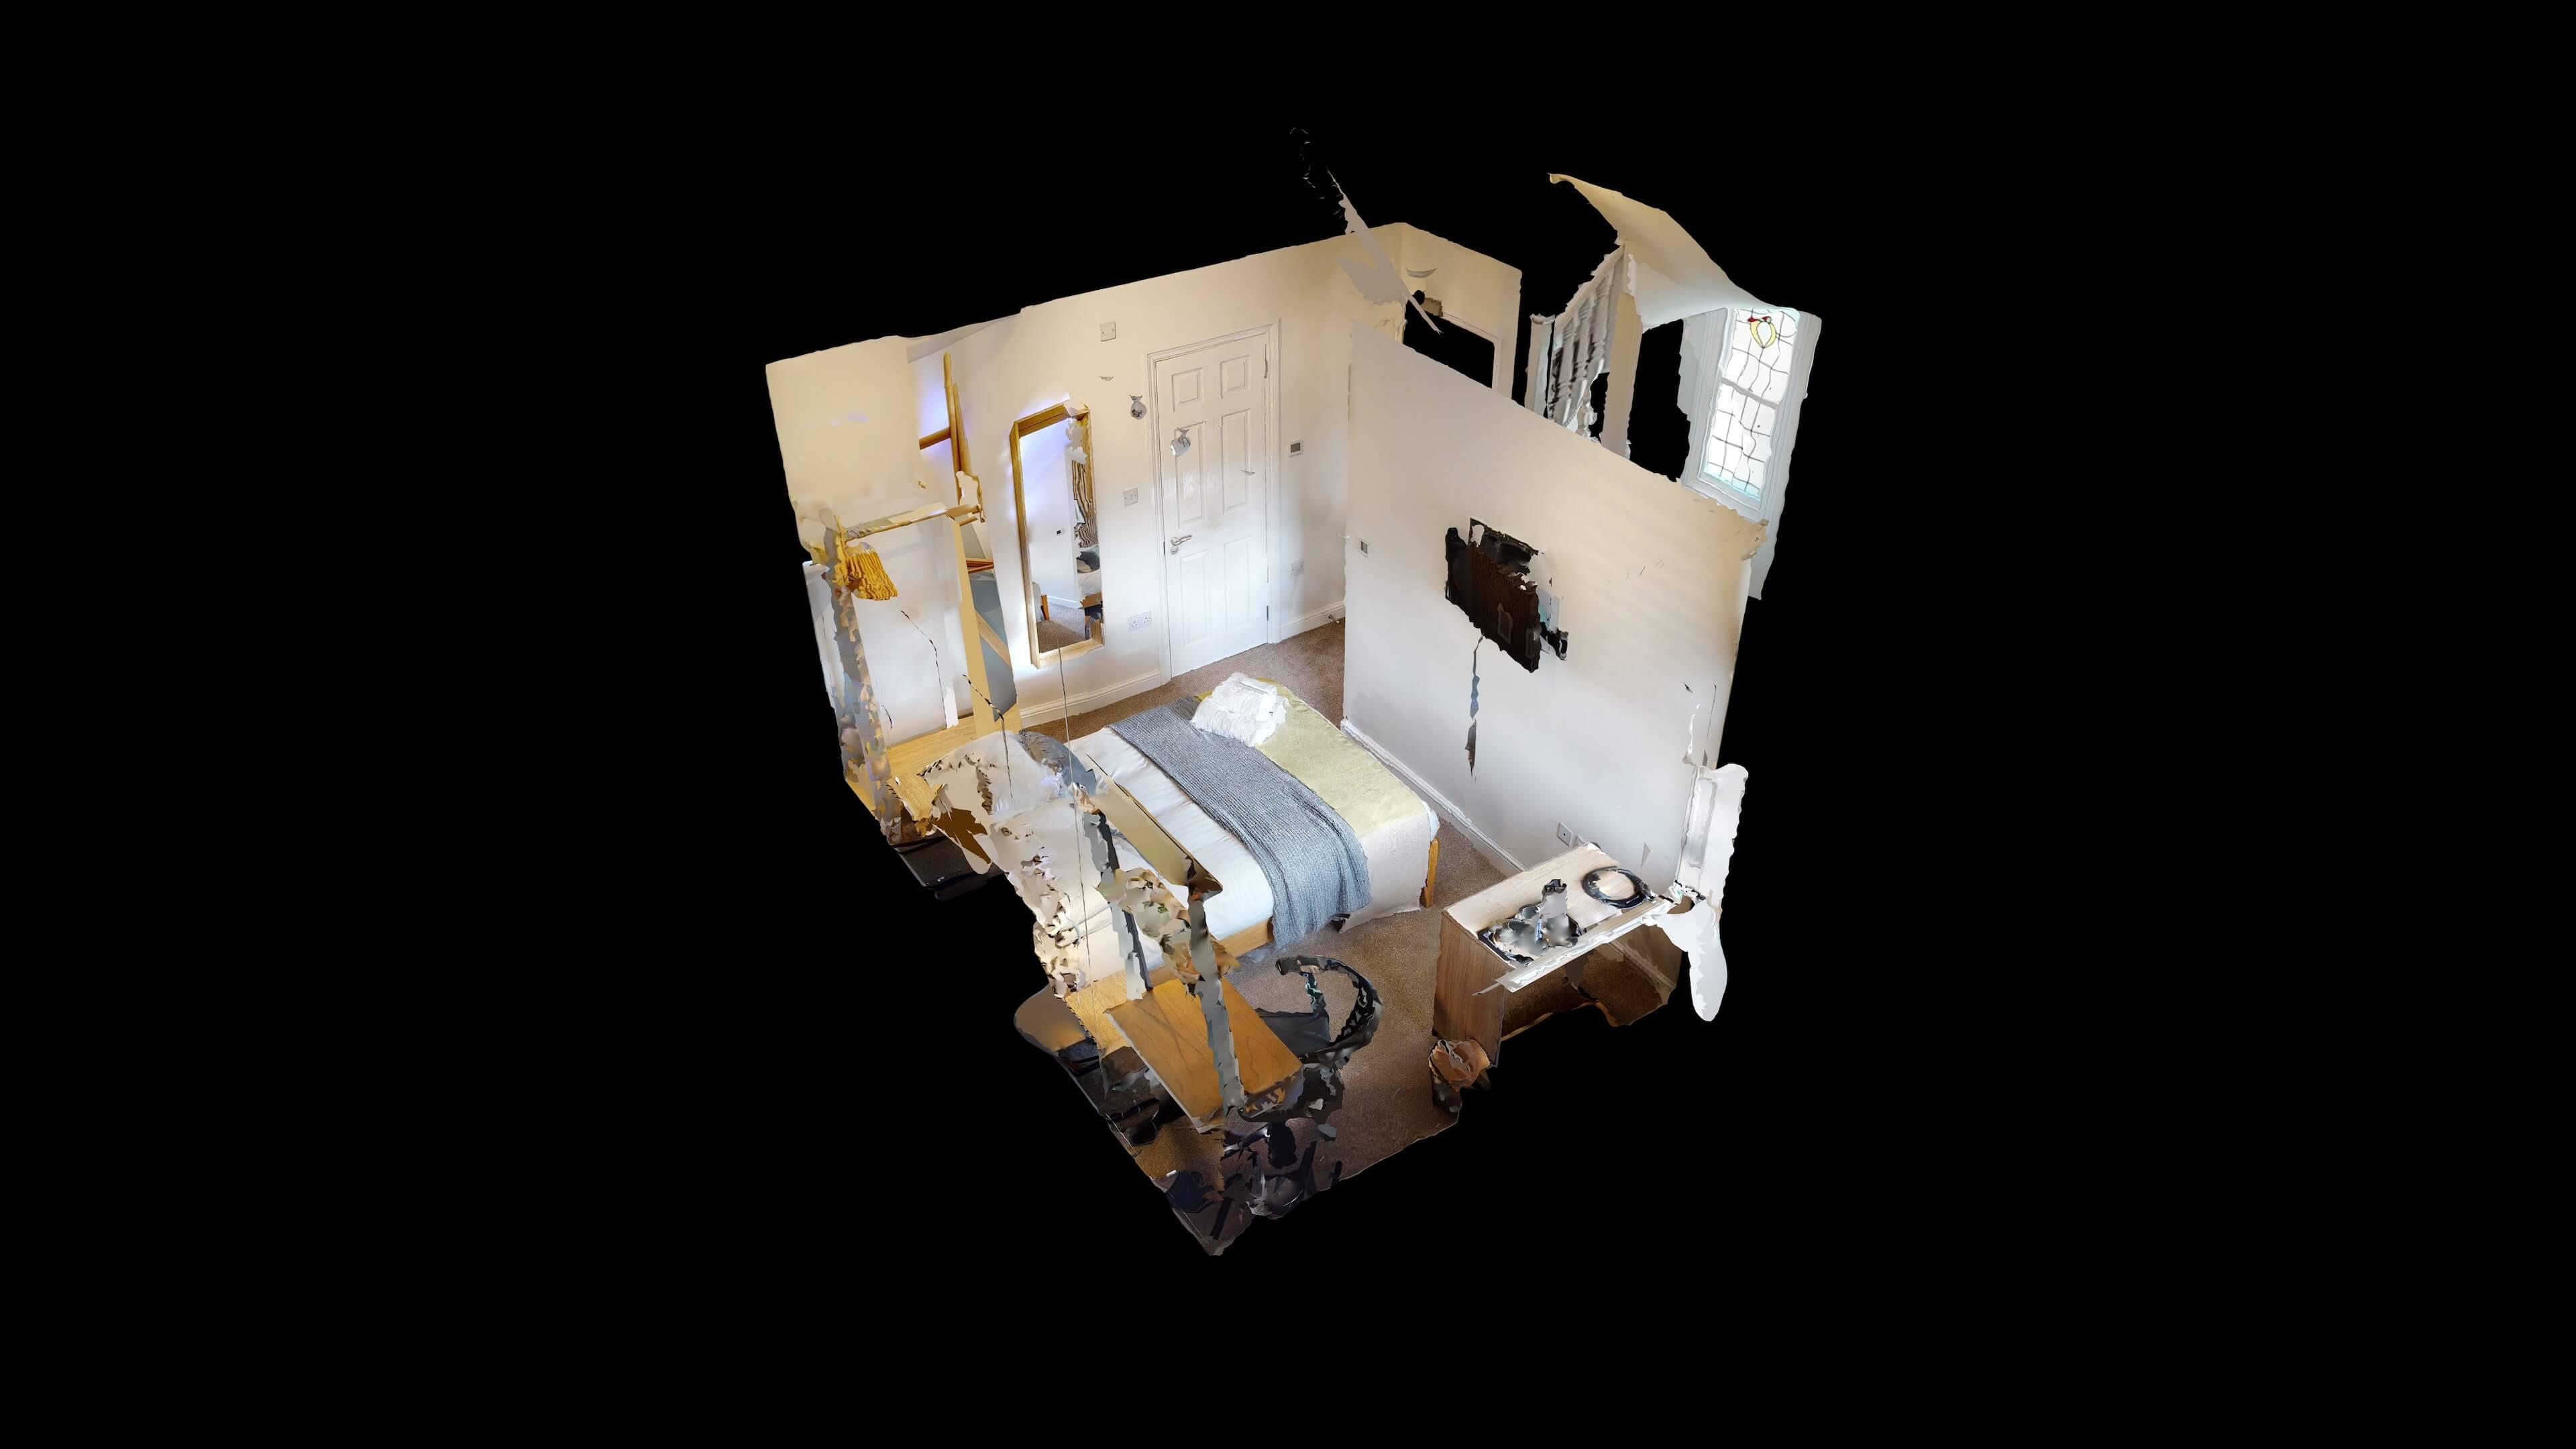 The Oxford Lodge Pembroke Suite 3 The Oxford Lodge Pembroke Suite Dollhouse View